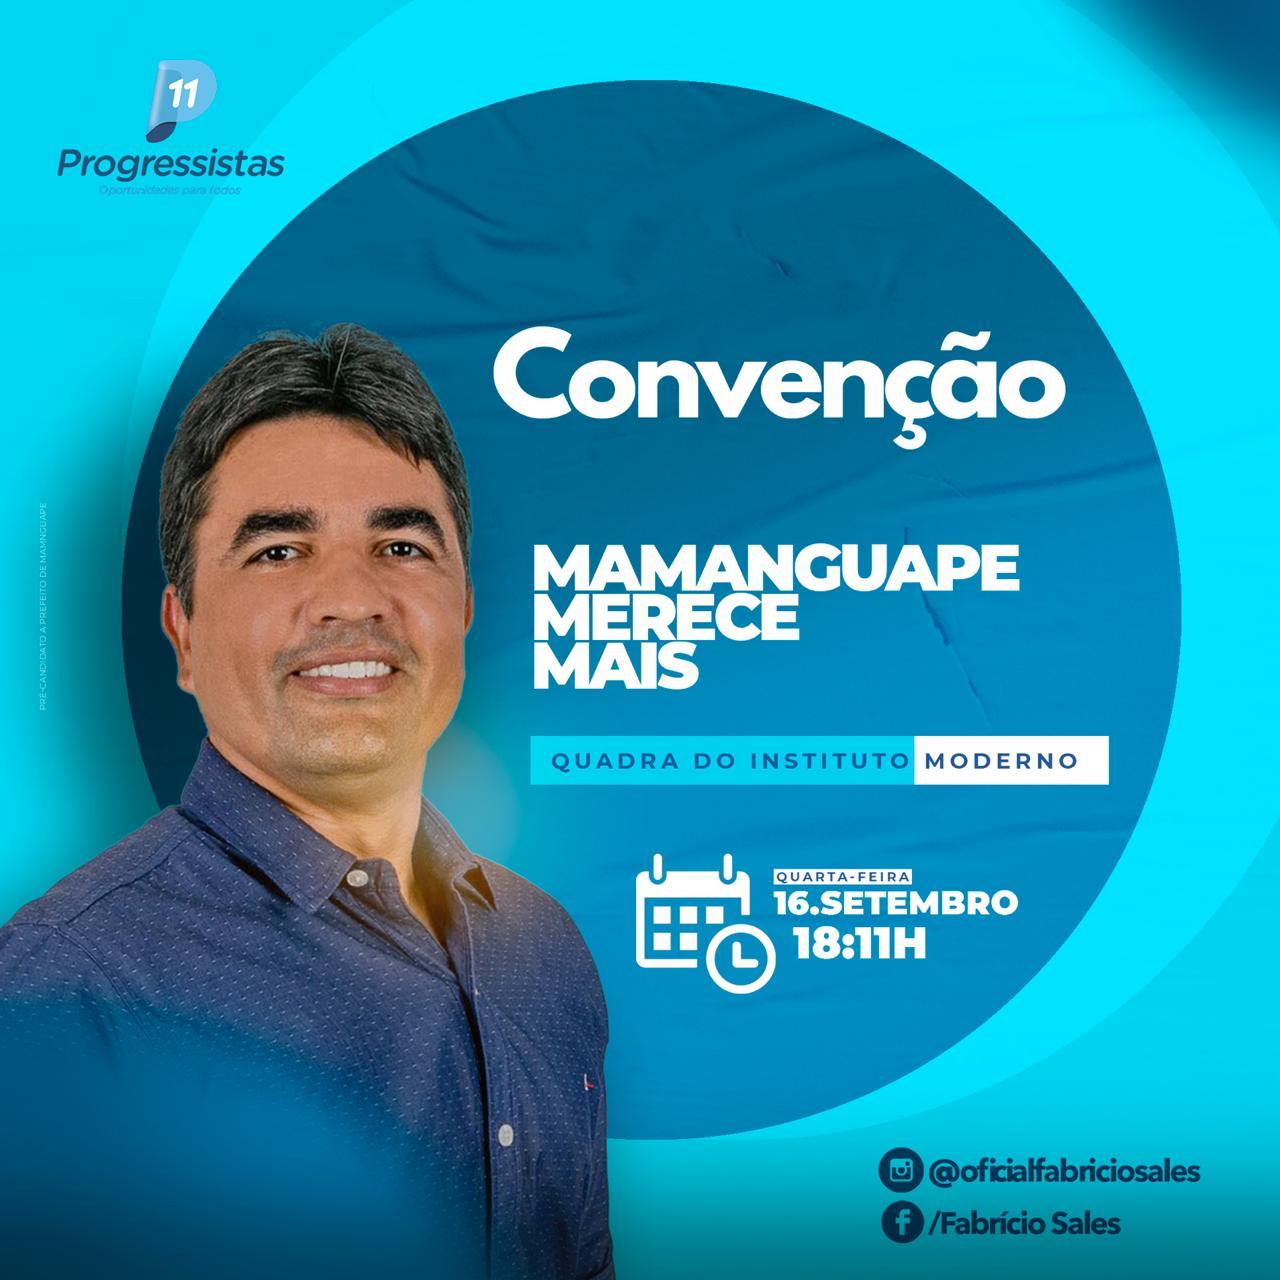 WhatsApp Image 2020 09 15 at 13.18.12 - Convenção do Progressistas de Mamanguape confirmará a candidatura de Fabrício Sales a prefeitura